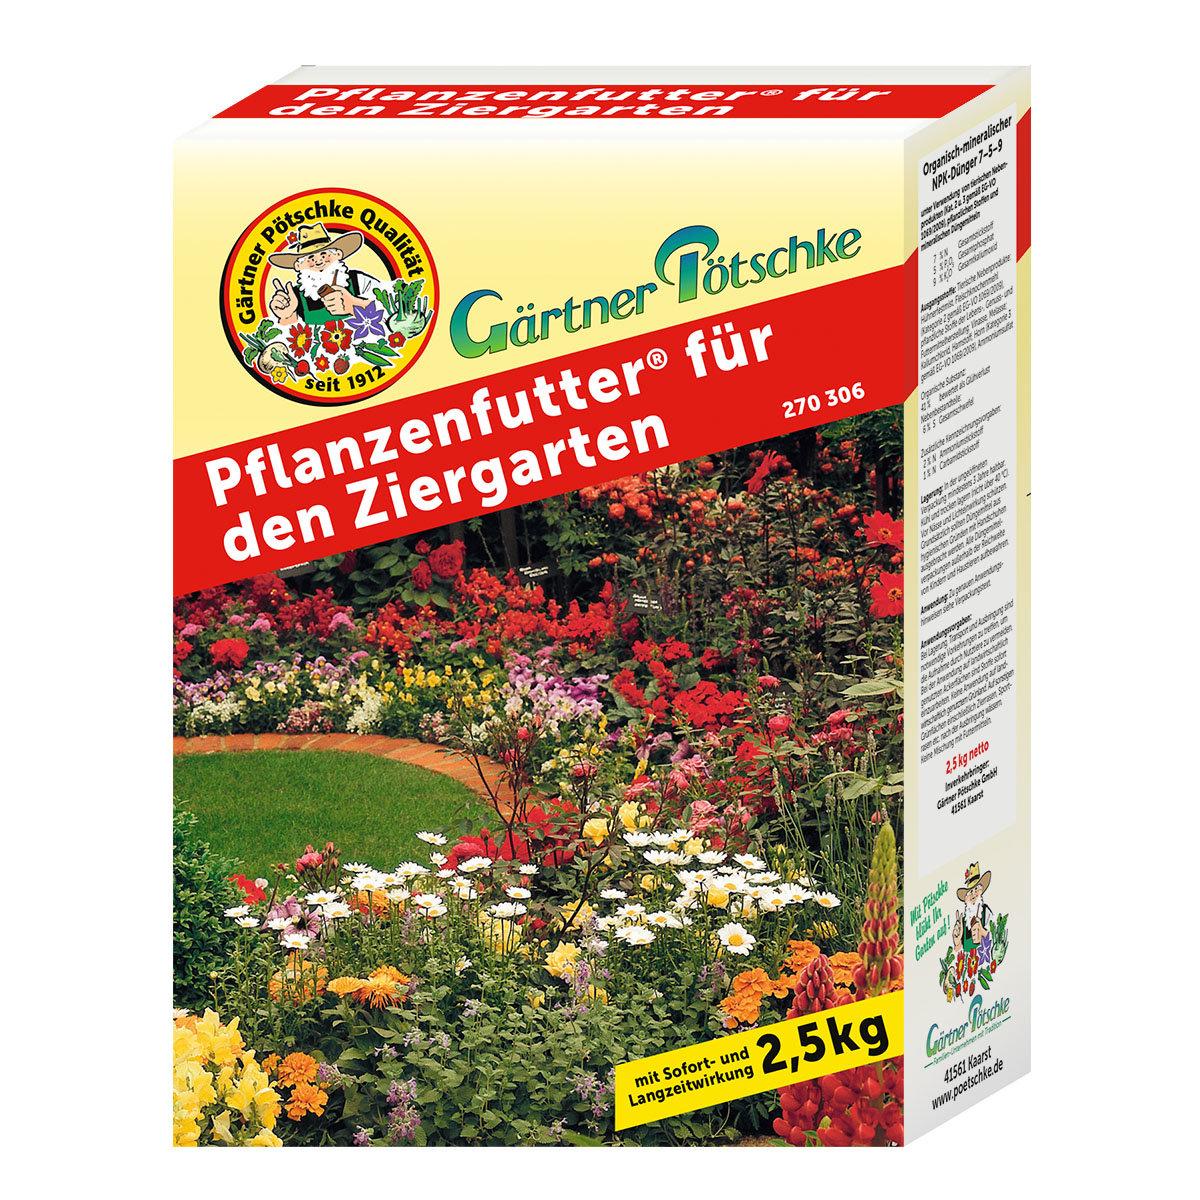 Pflanzenfutter für den Ziergarten, 2,5 kg